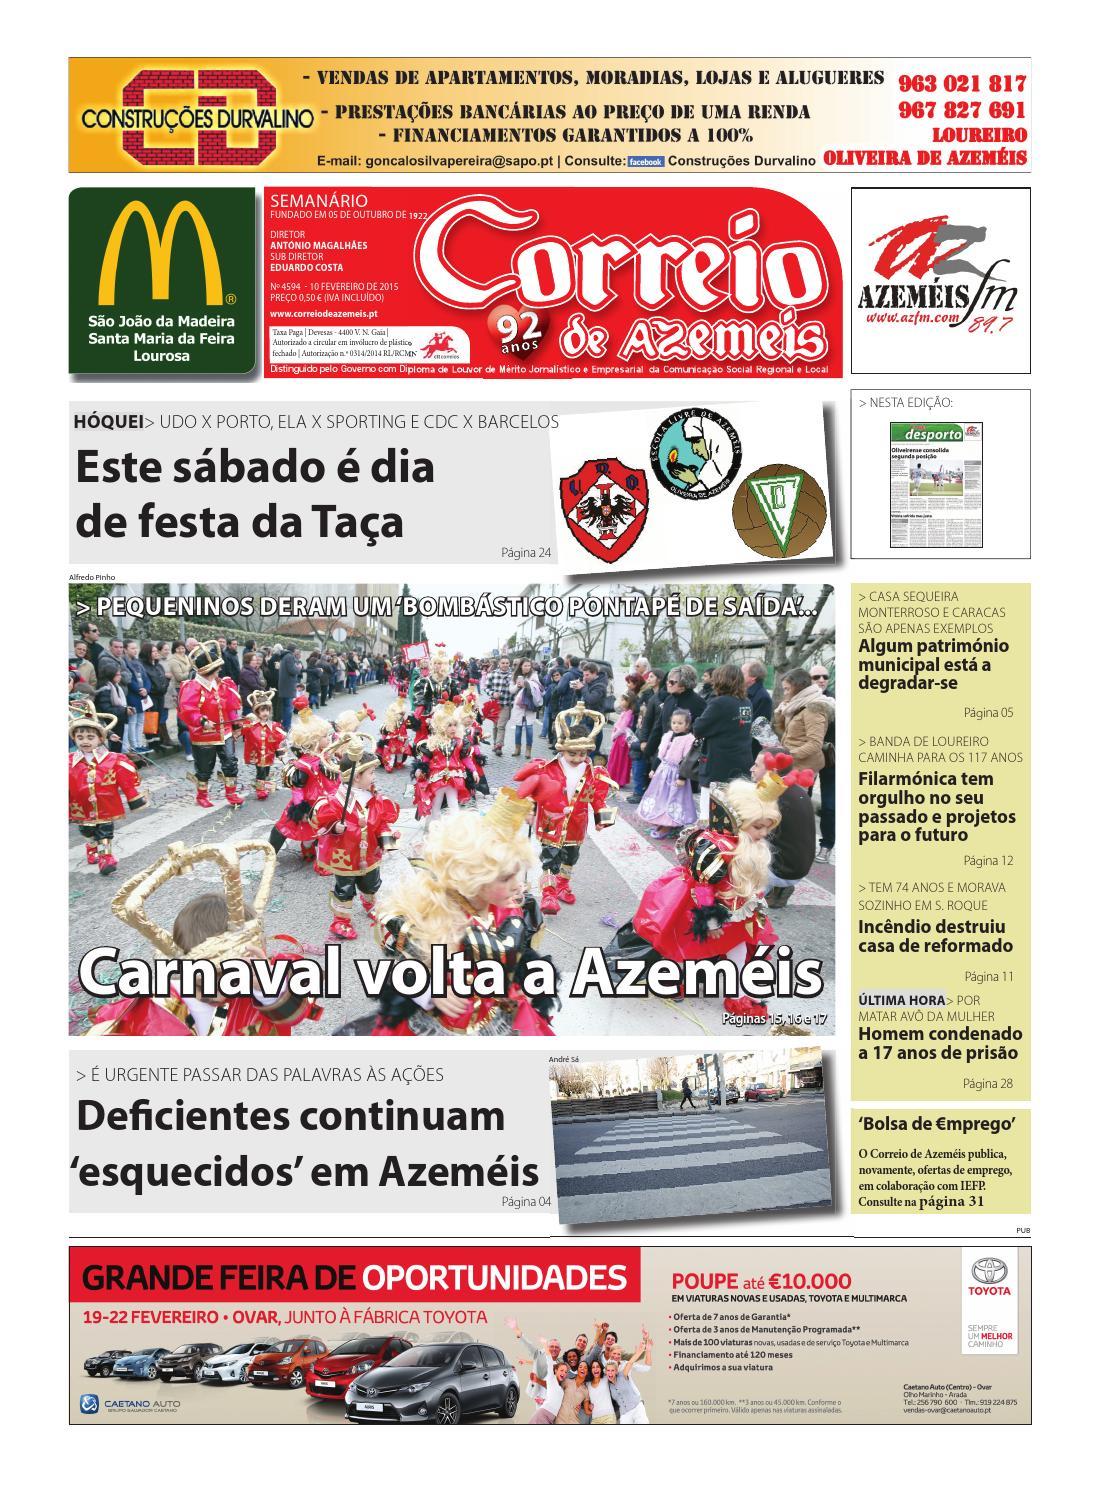 10 02 2015 by Correio de Azeméis - issuu 76dad78602